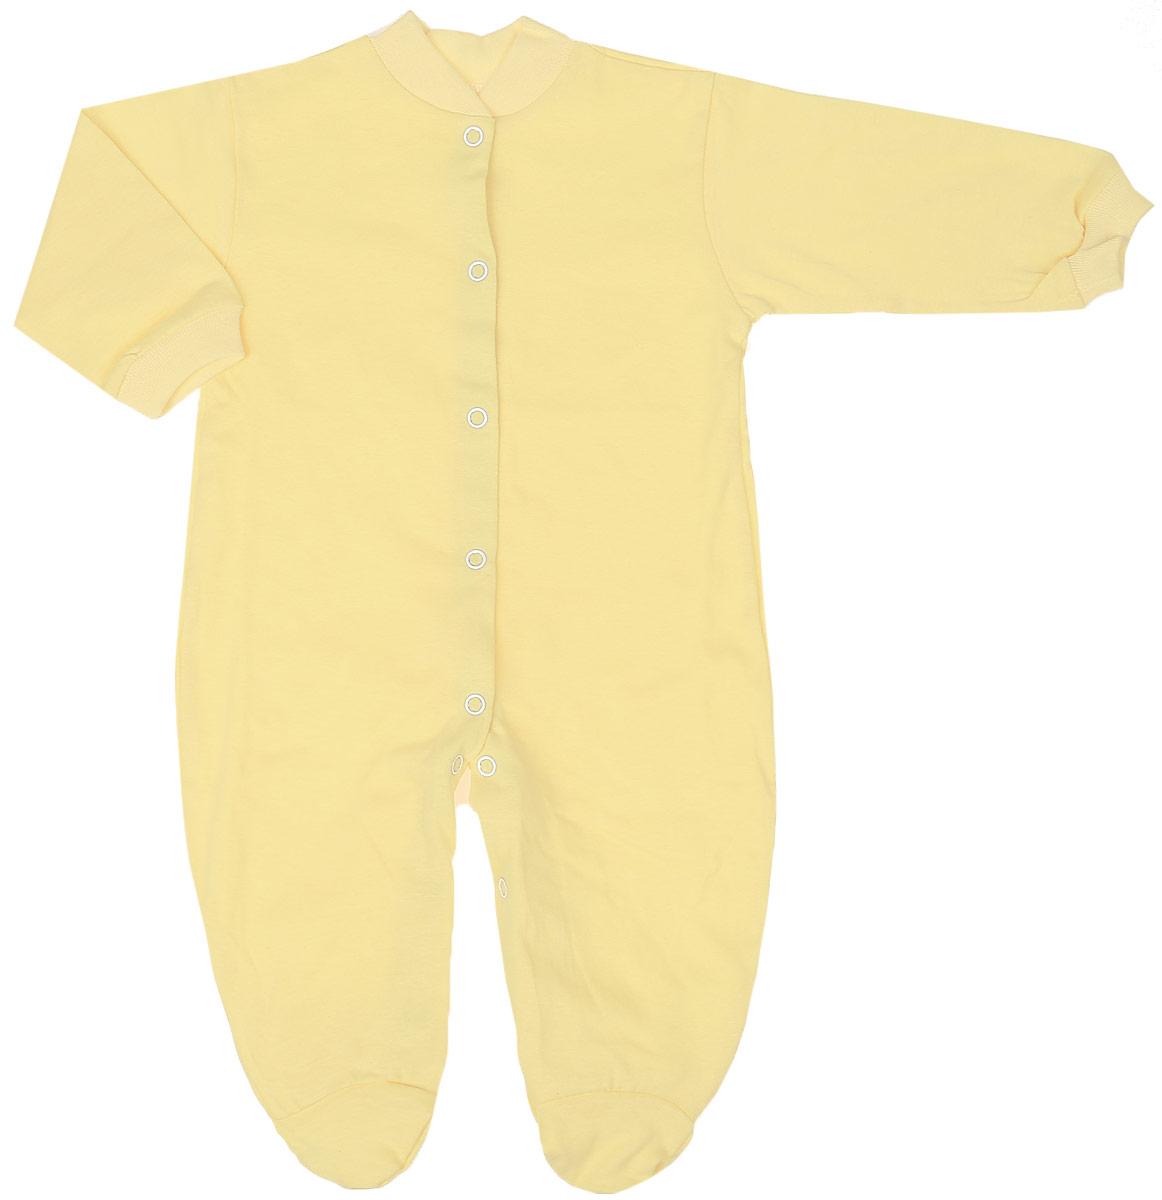 Комбинезон детский Чудесные одежки, цвет: желтый. 5801. Размер 565801Удобный детский комбинезон Чудесные одежки выполнен из натурального хлопка.Комбинезон с небольшим воротничком-стойкой, длинными рукавами и закрытыми ножками имеет застежки-кнопки спереди и на ластовице, которые помогают легко переодеть младенца или сменить подгузник. Воротничок и манжеты на рукавах выполнены из трикотажной эластичной резинки. Изделие оформлено в лаконичном дизайне.